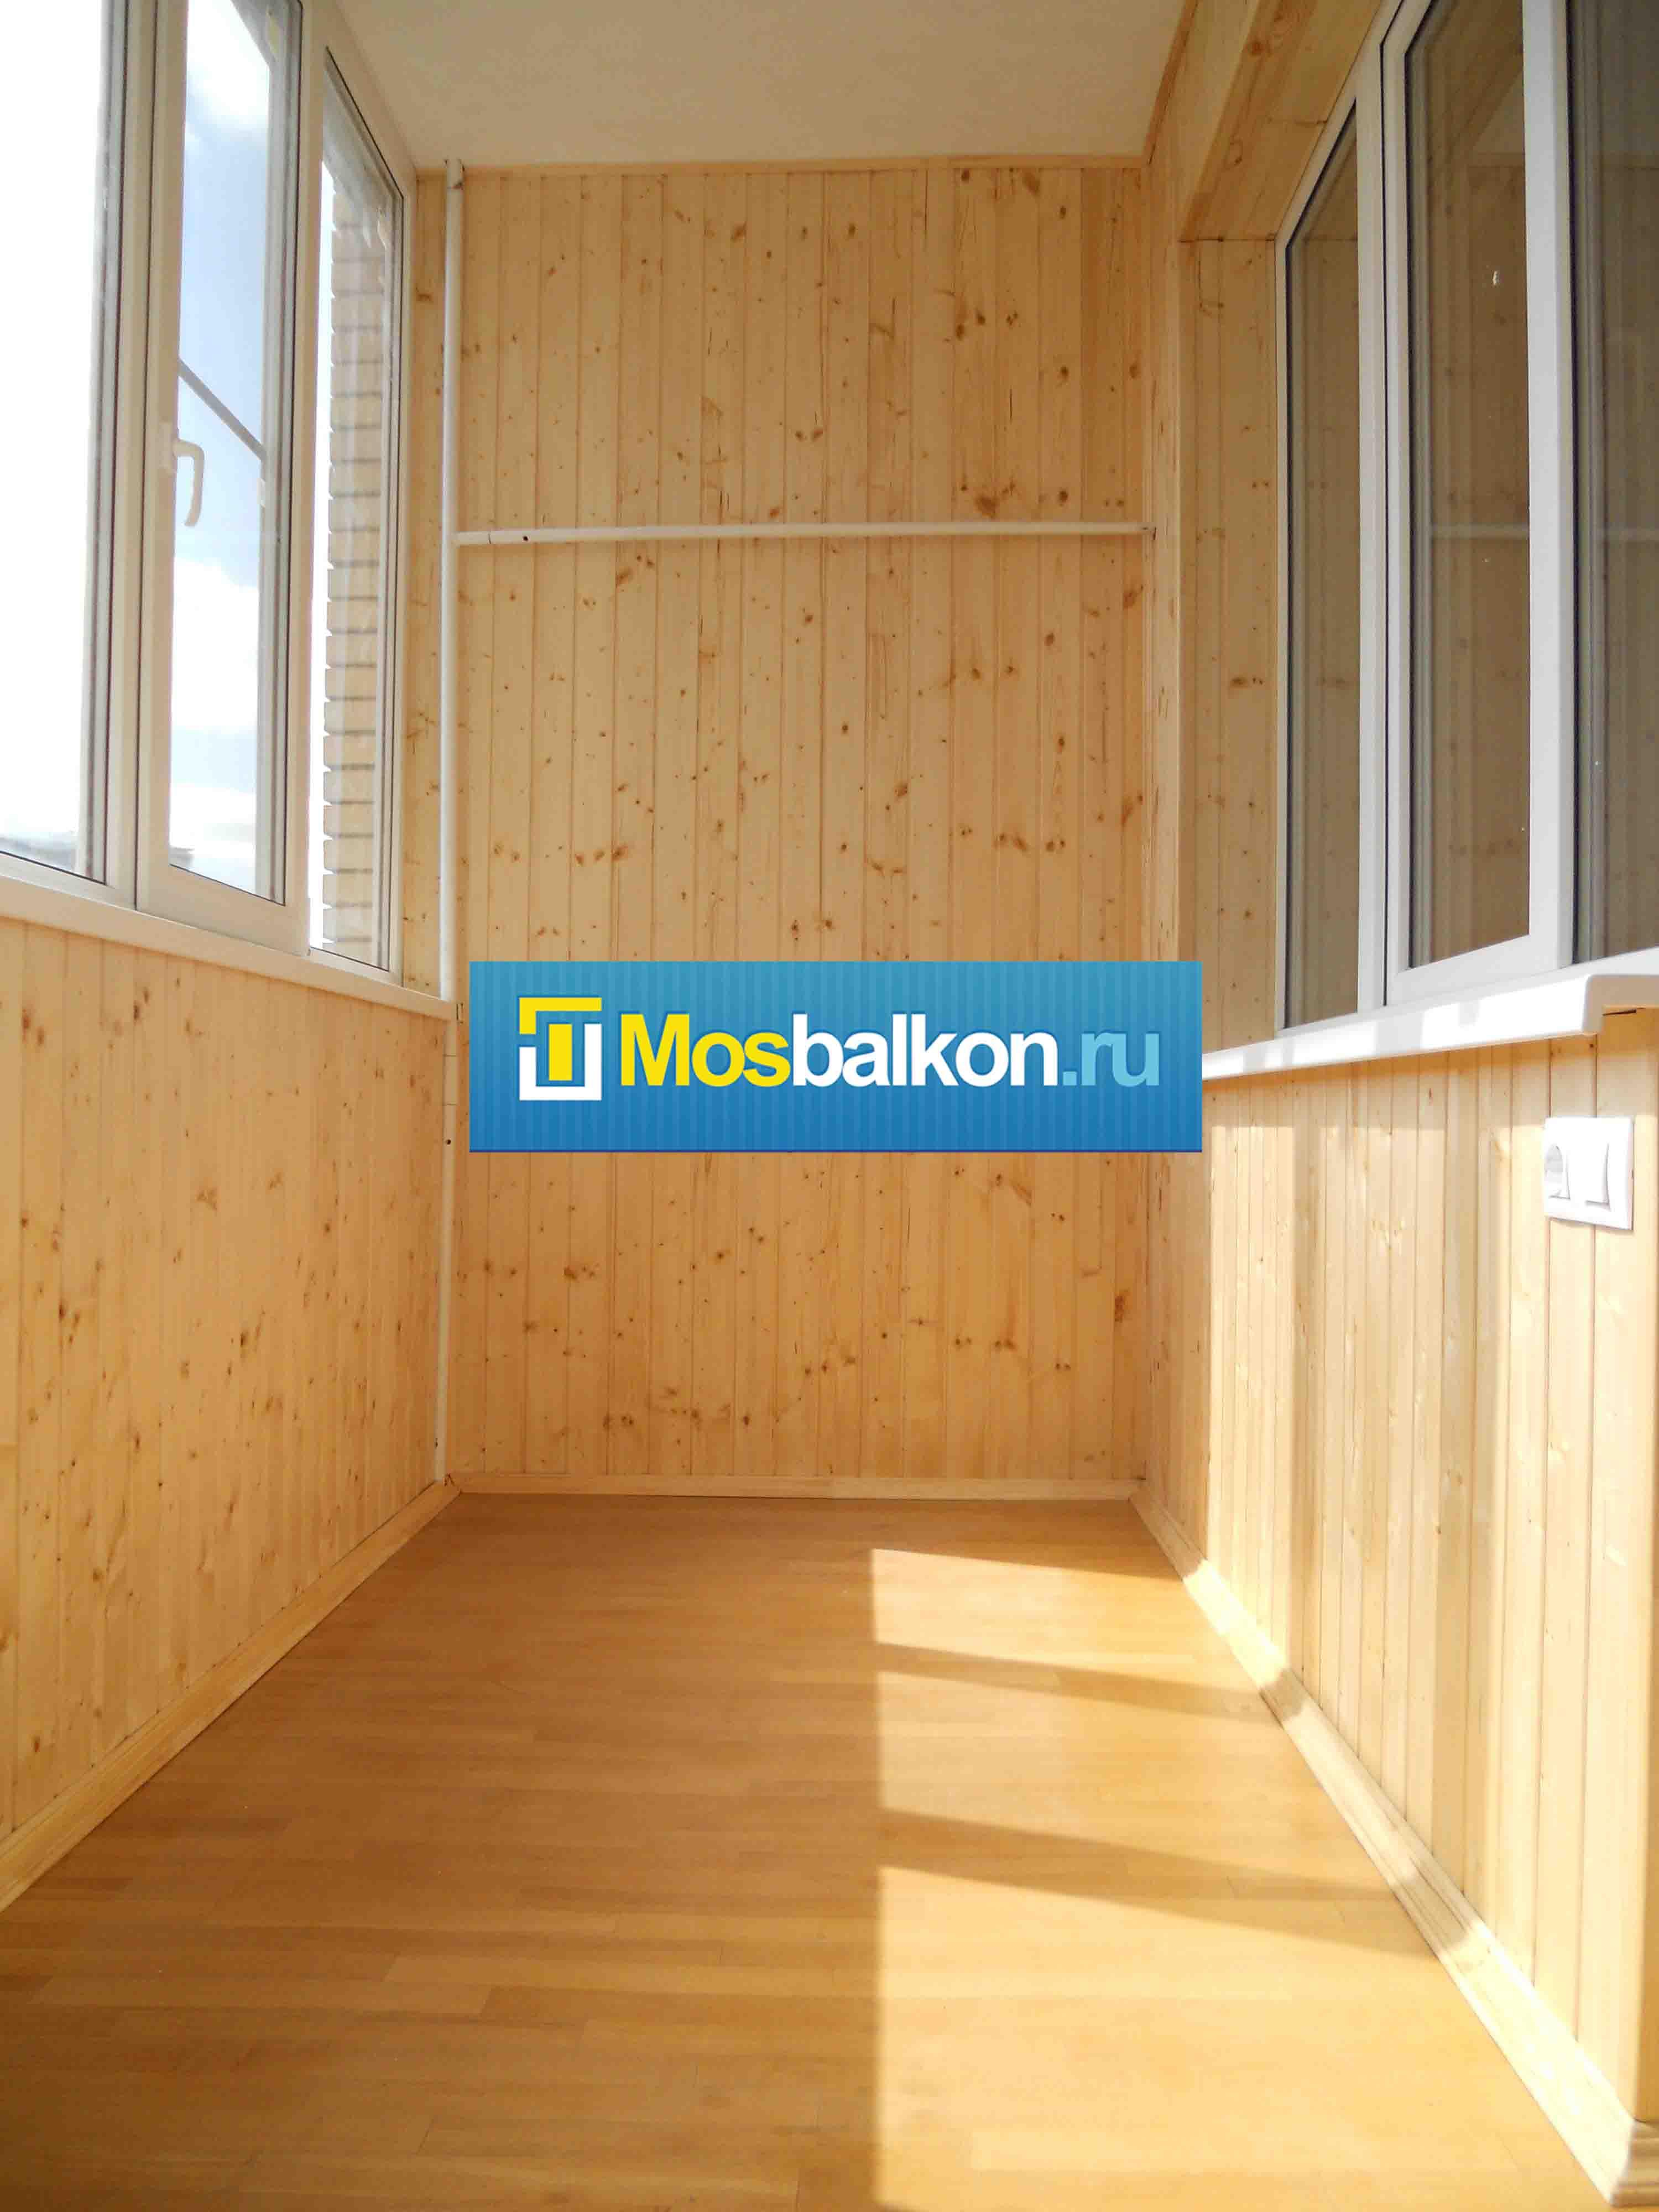 Остекление балкона деревянной вагонкой балконы витражное остекление